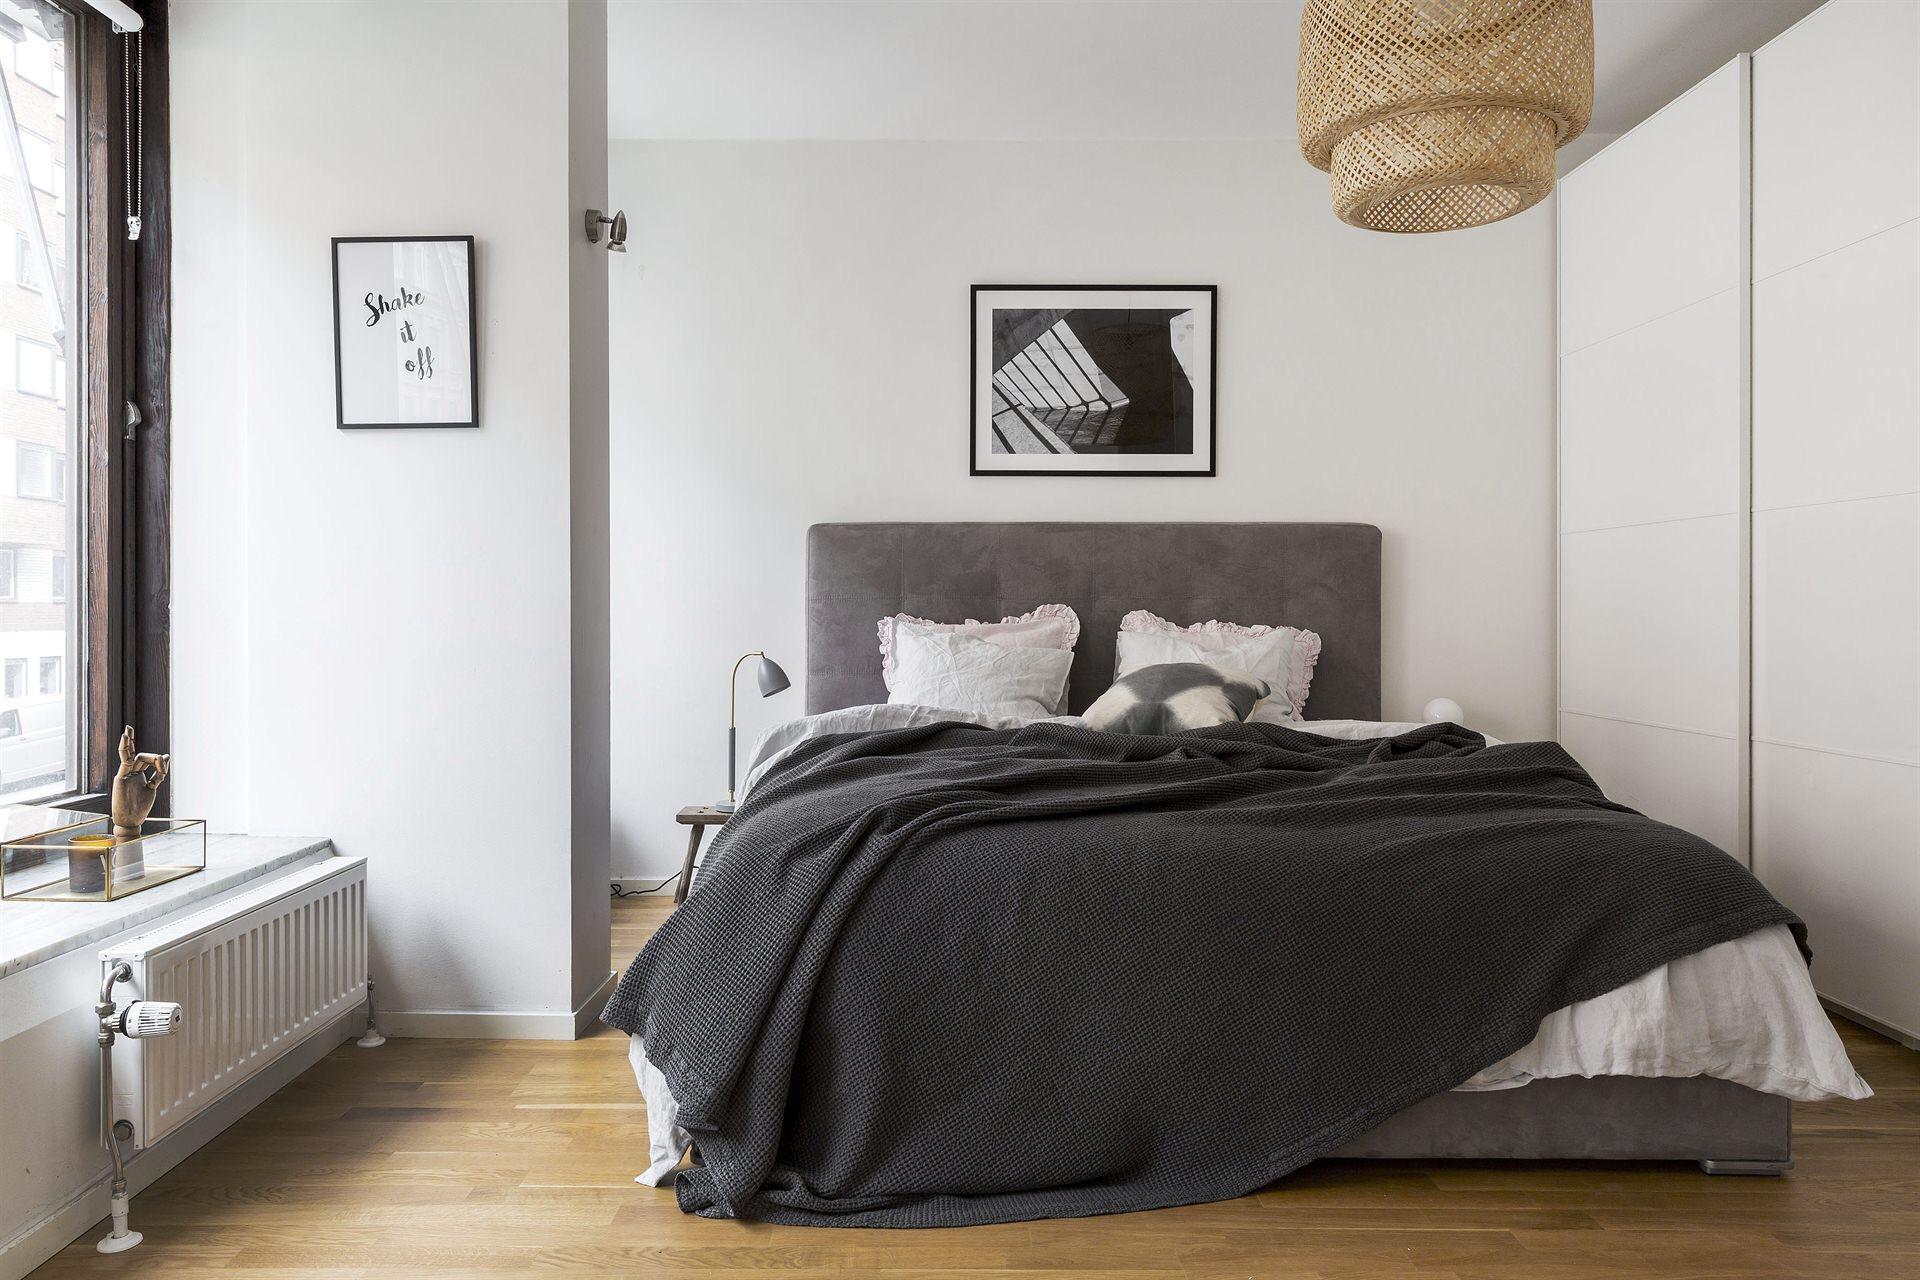 спальня шкаф купе кровать изголовье текстиль подушки